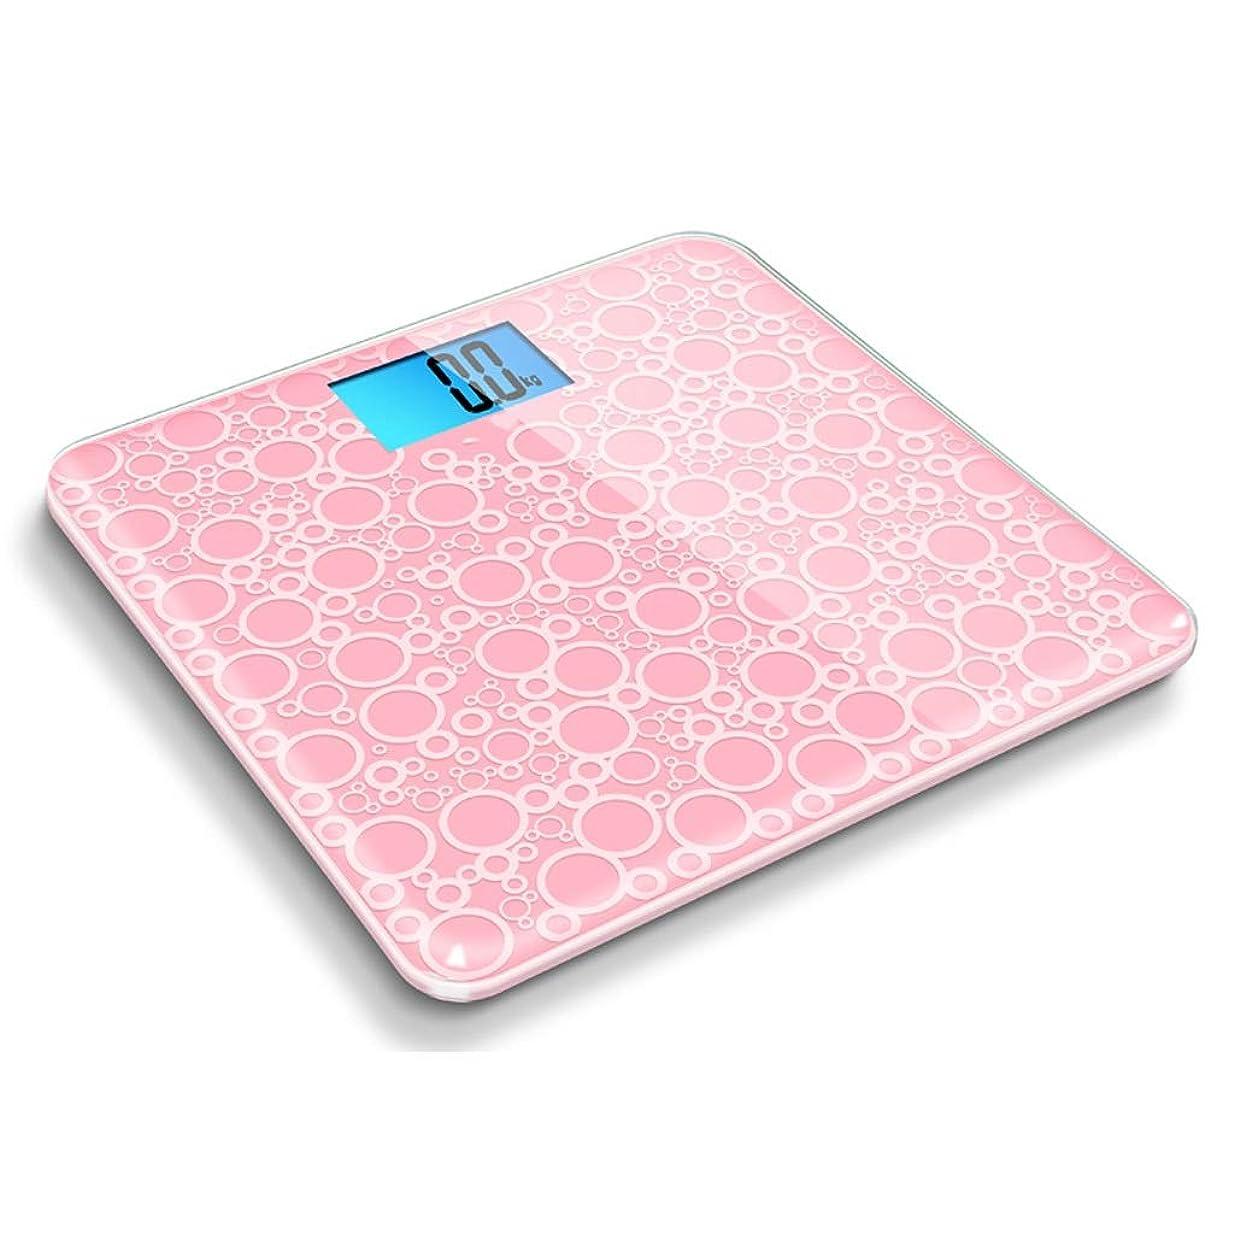 モジュールプレミアム秘書体重計電子体重計精密電子体重計体重計電子体重計体重計ベビースケール ZHJING (Color : Pink)